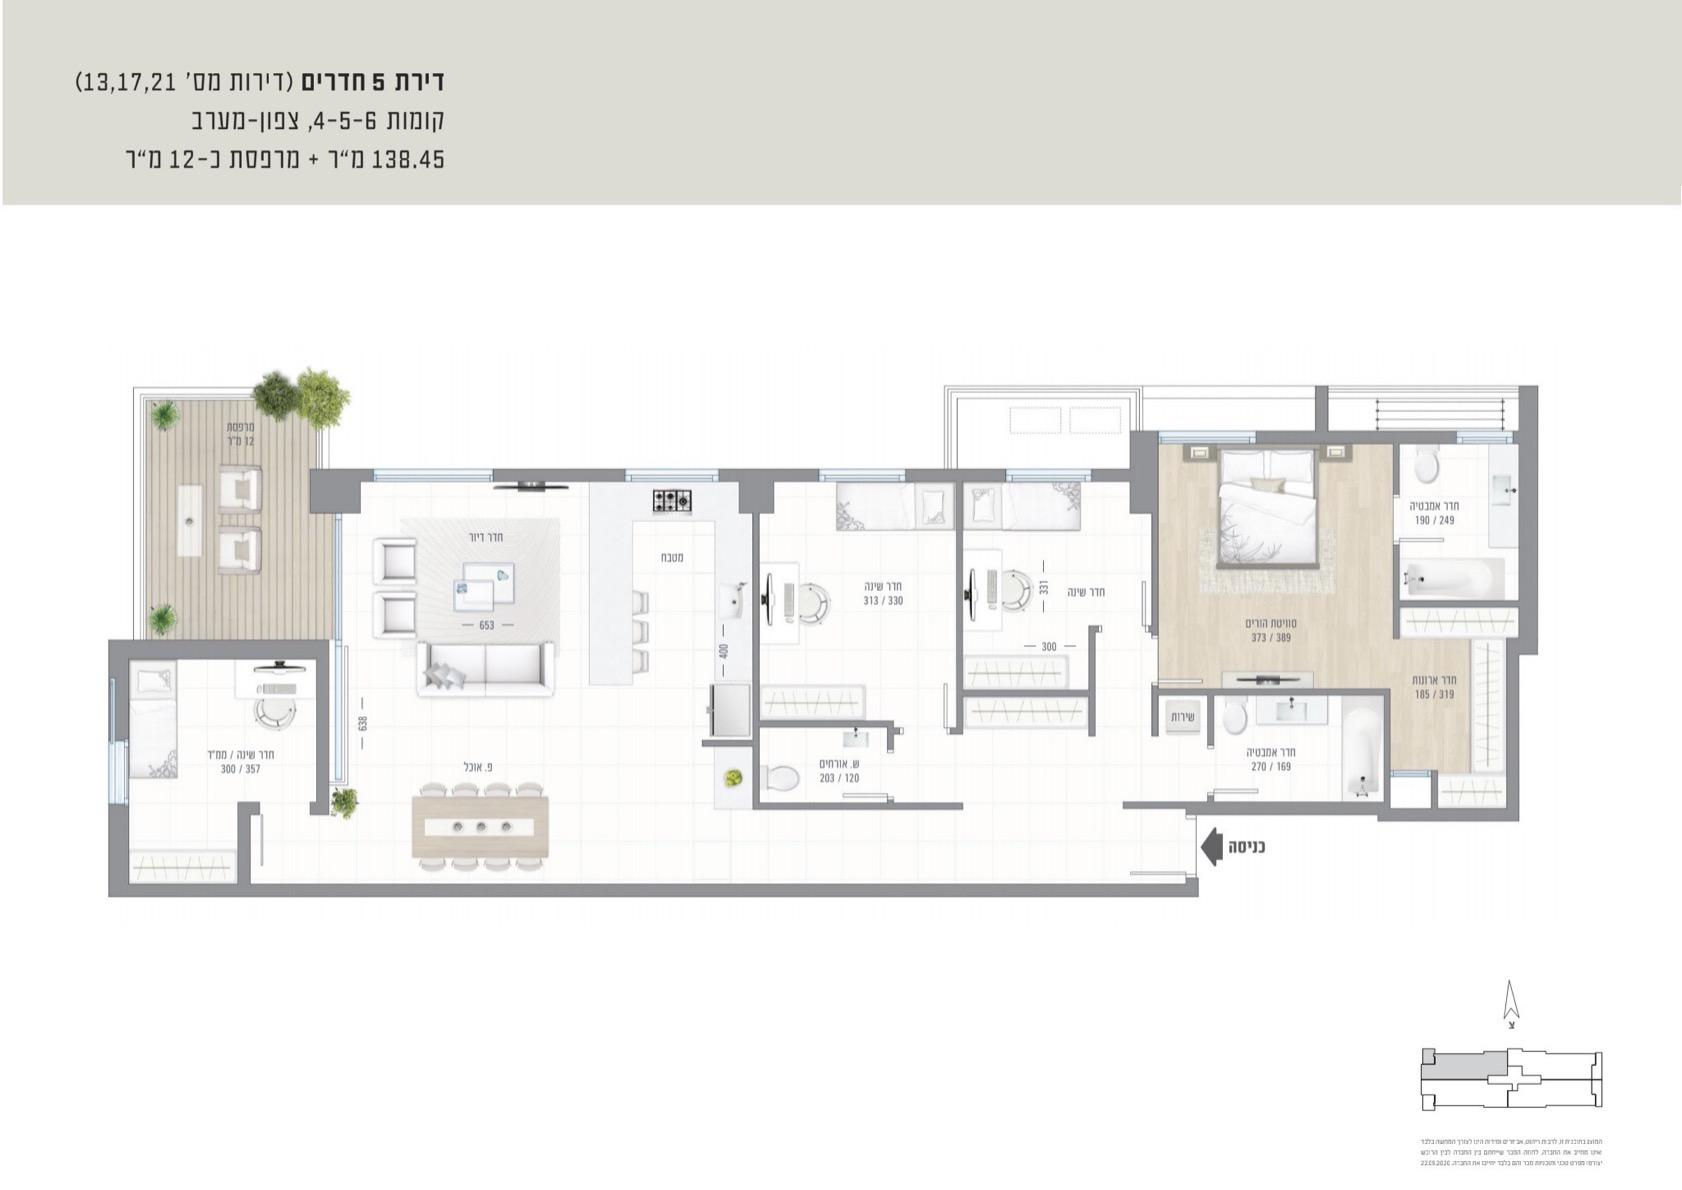 5 pièces de 140 m2 avec une terrasse de 12 m2